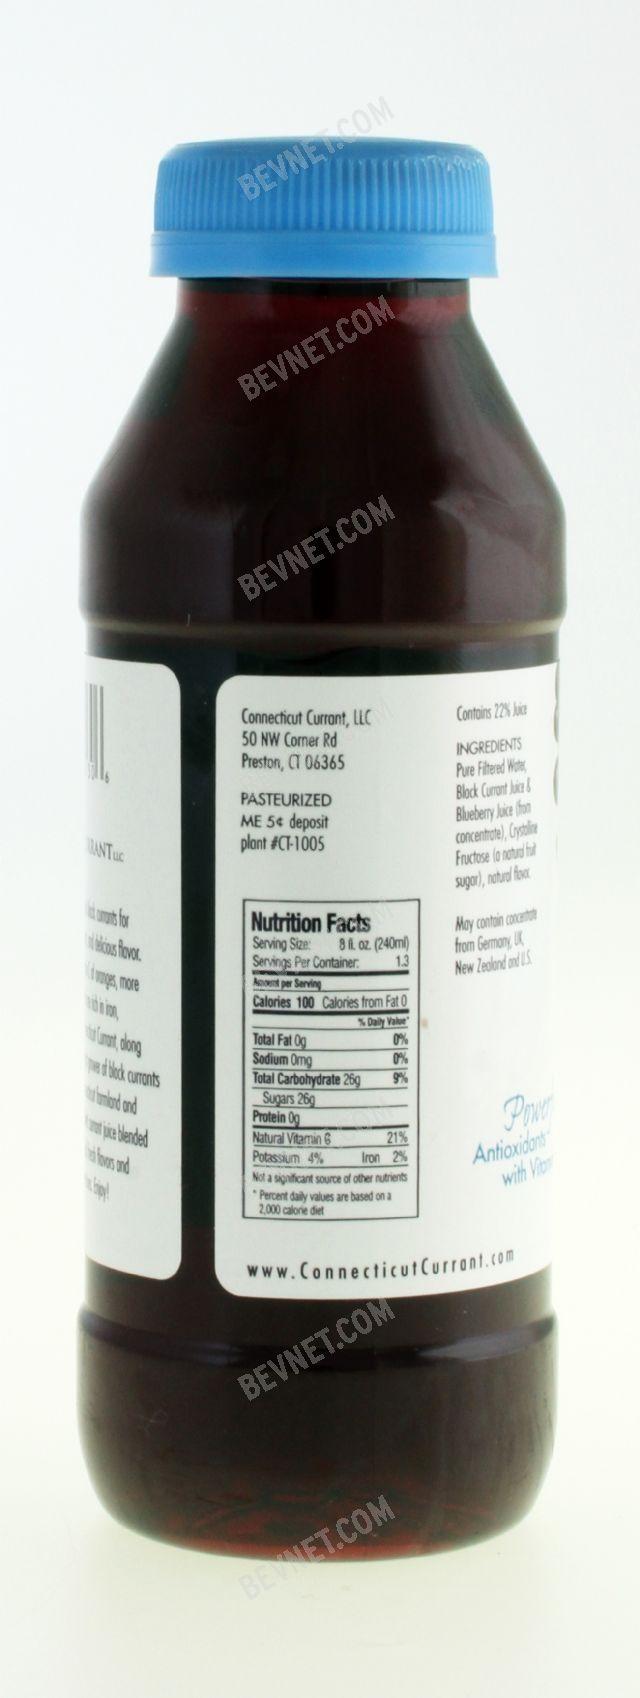 Currant Affair Black Currant Juice: